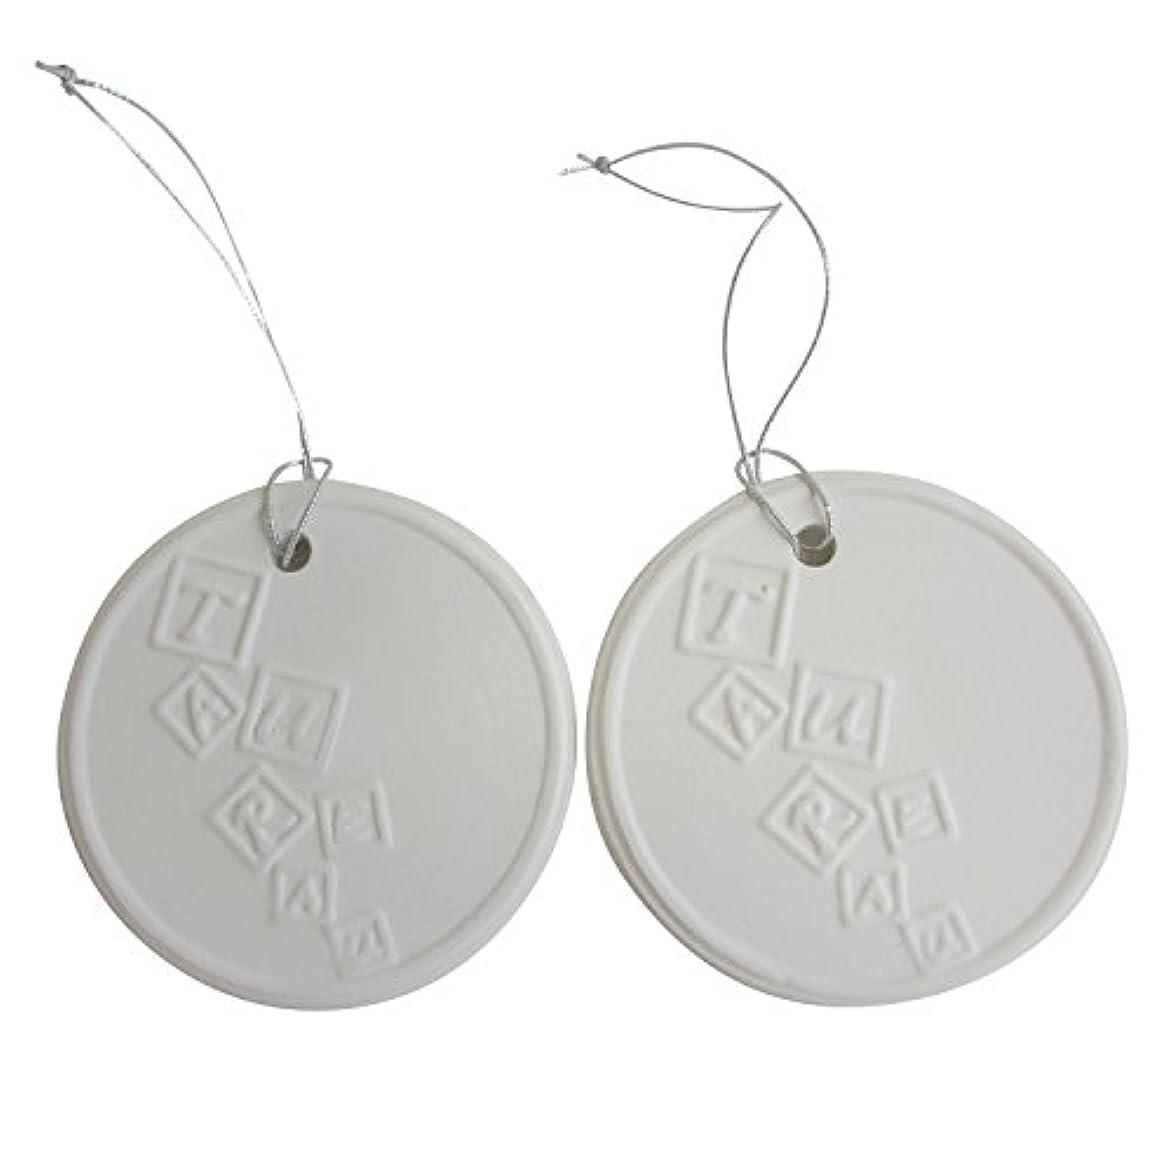 鼻活性化するメンターアロマストーン ホワイトコイン 2セット(ロゴ2) アクセサリー 小物 キーホルダー アロマディフューザー ペンダント 陶器製